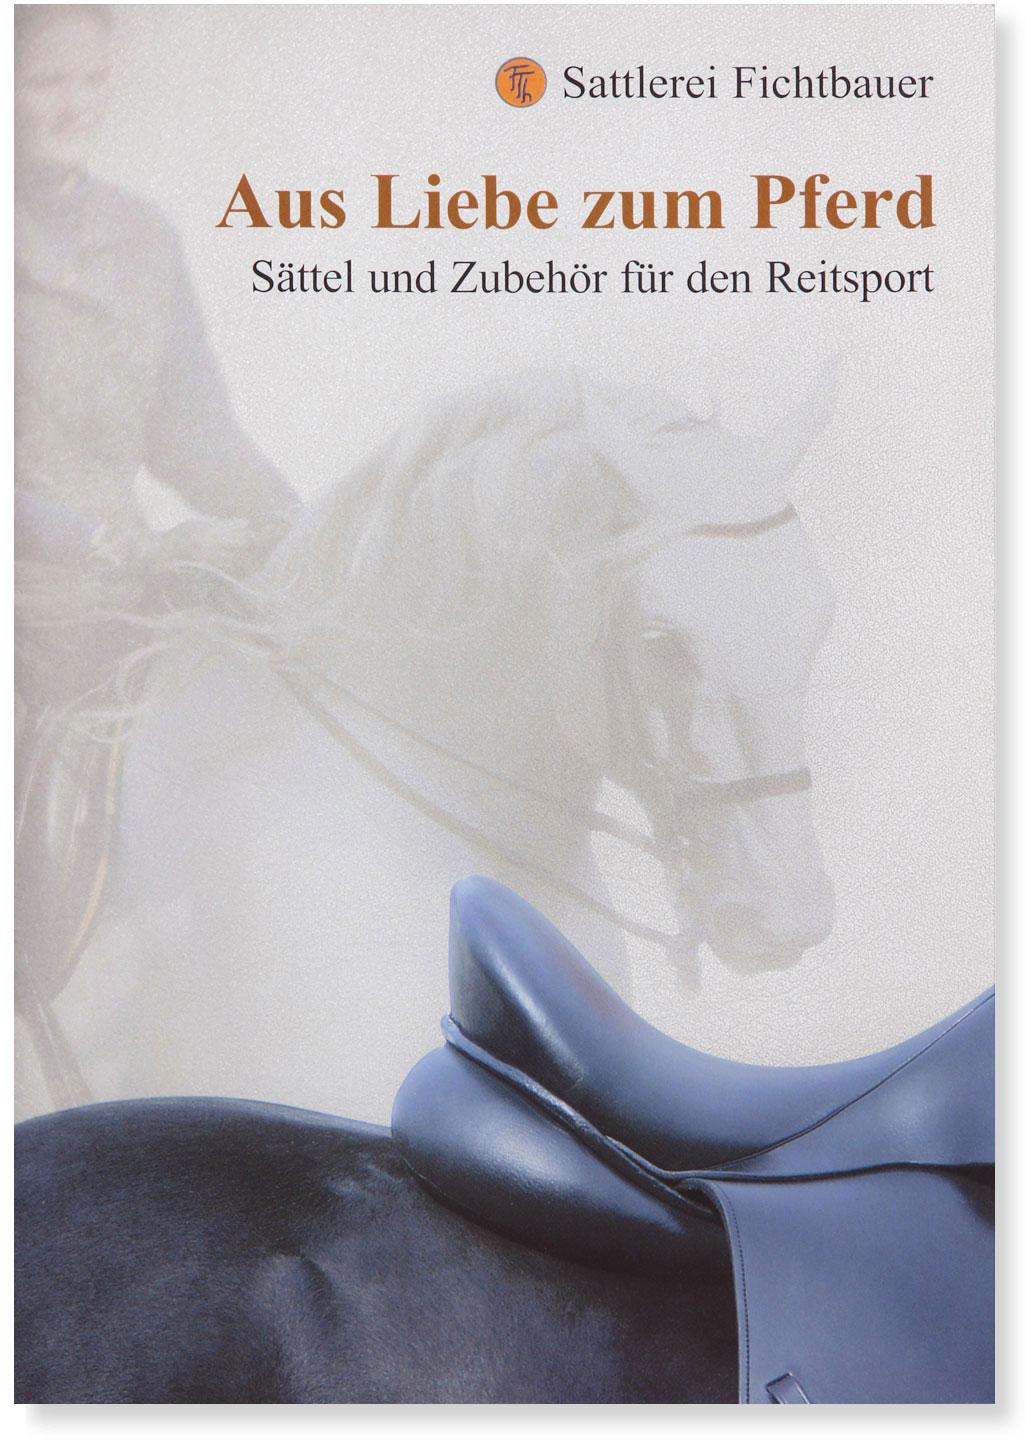 Sattlerei Fichtbauer Prospekt Titelseite